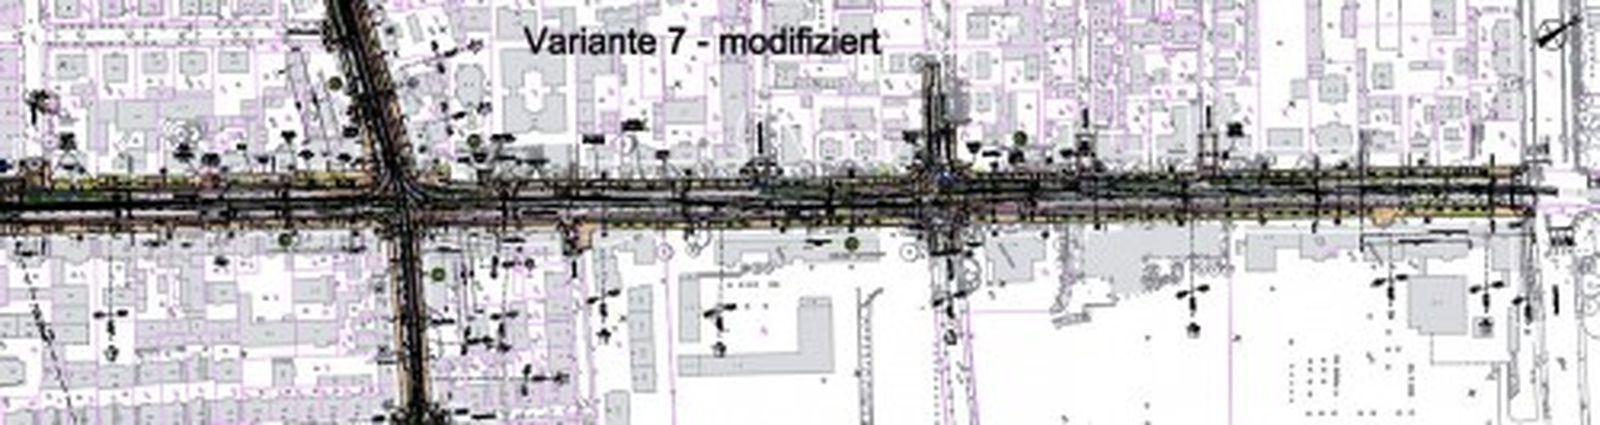 Königsbrücker Nord - Anklicken, um den Plan zu vergrößern